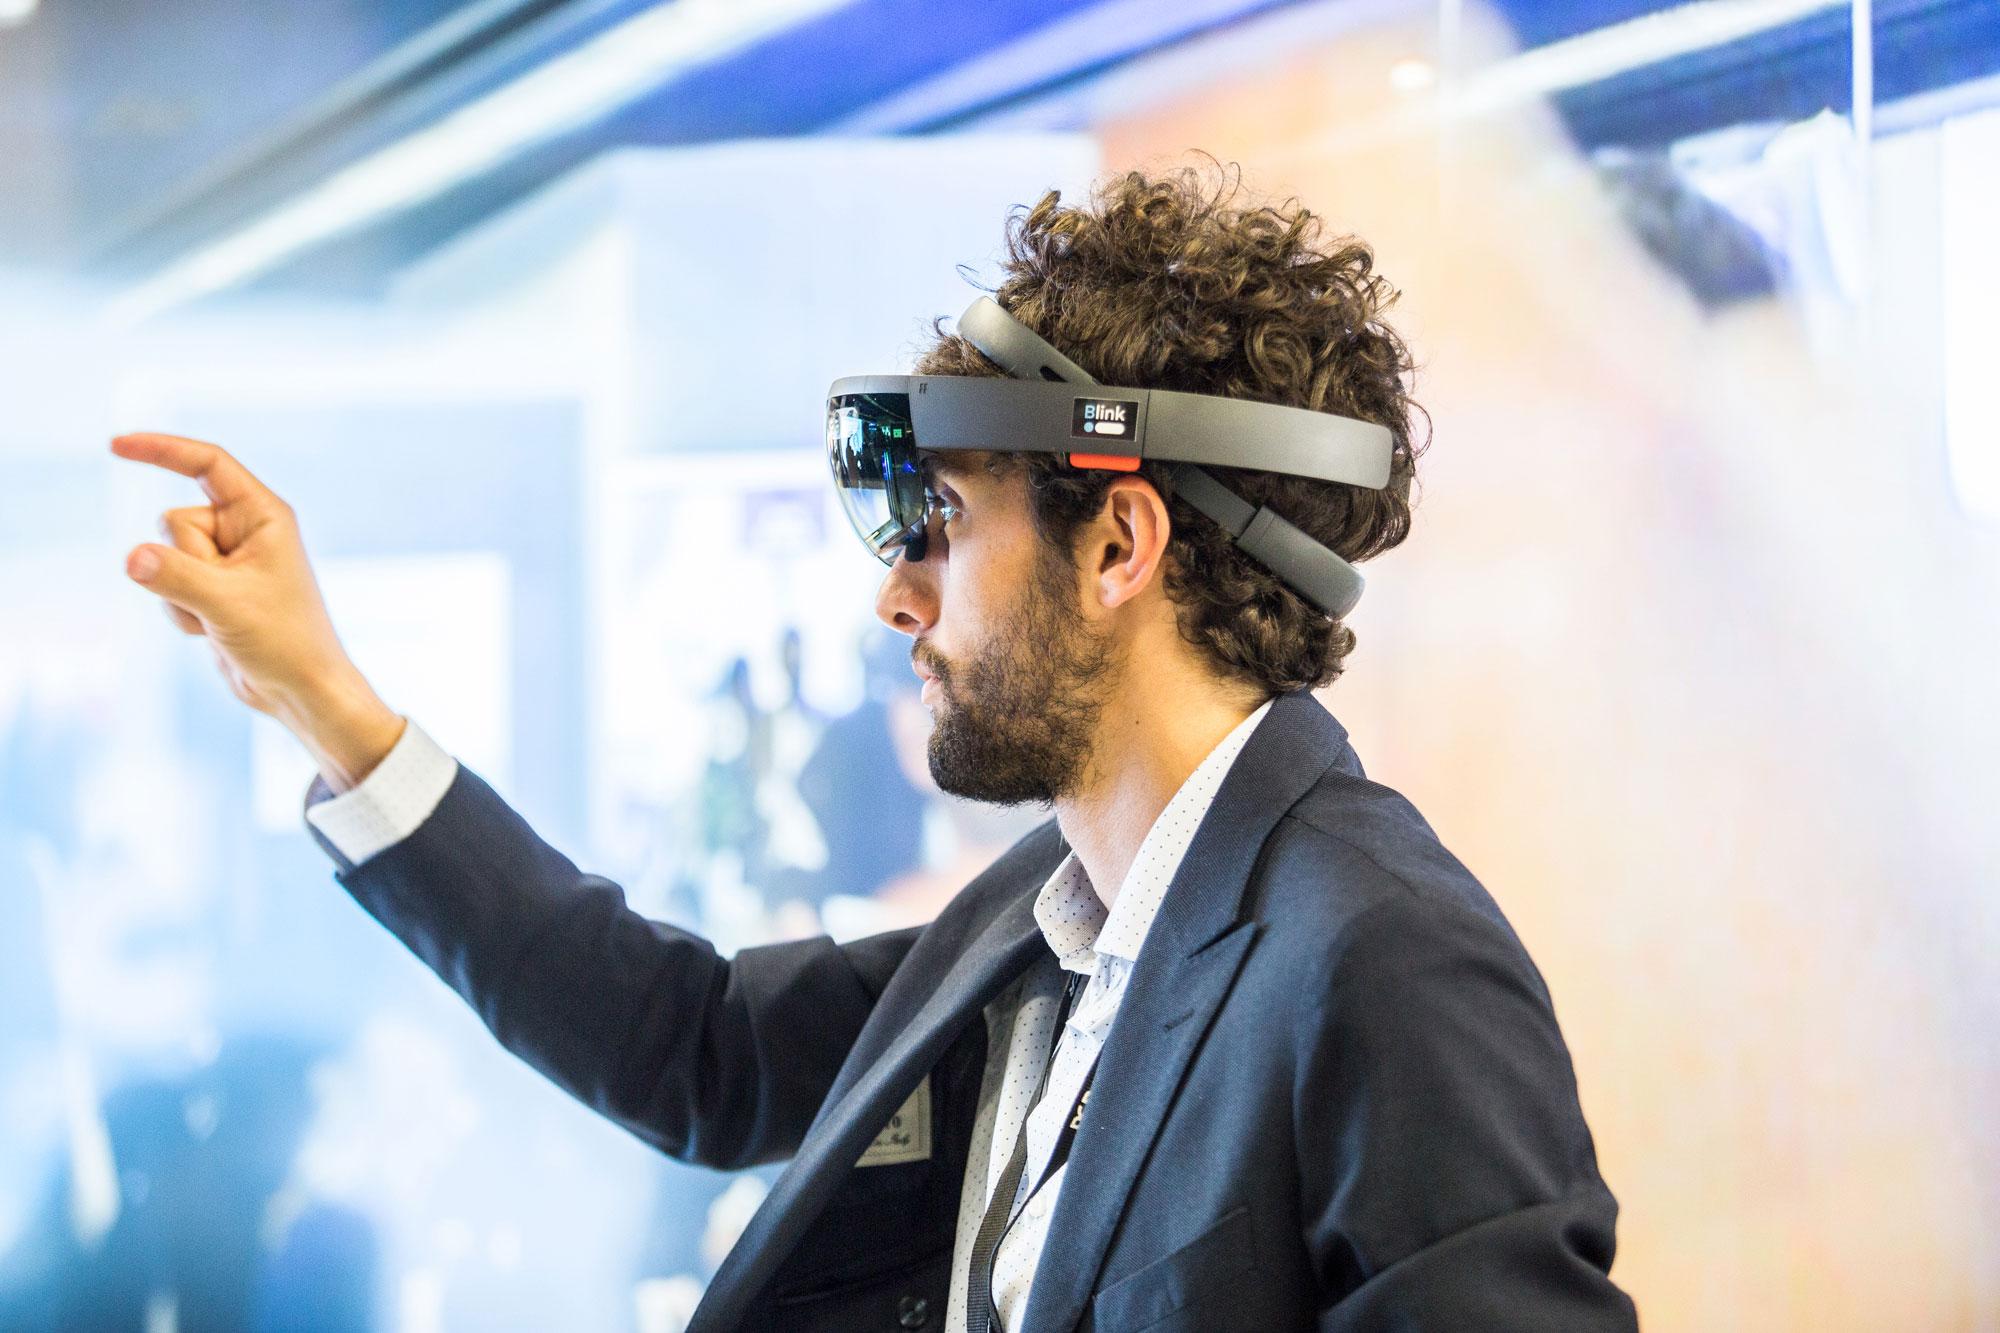 homme teste lunette 3D salon professionnel